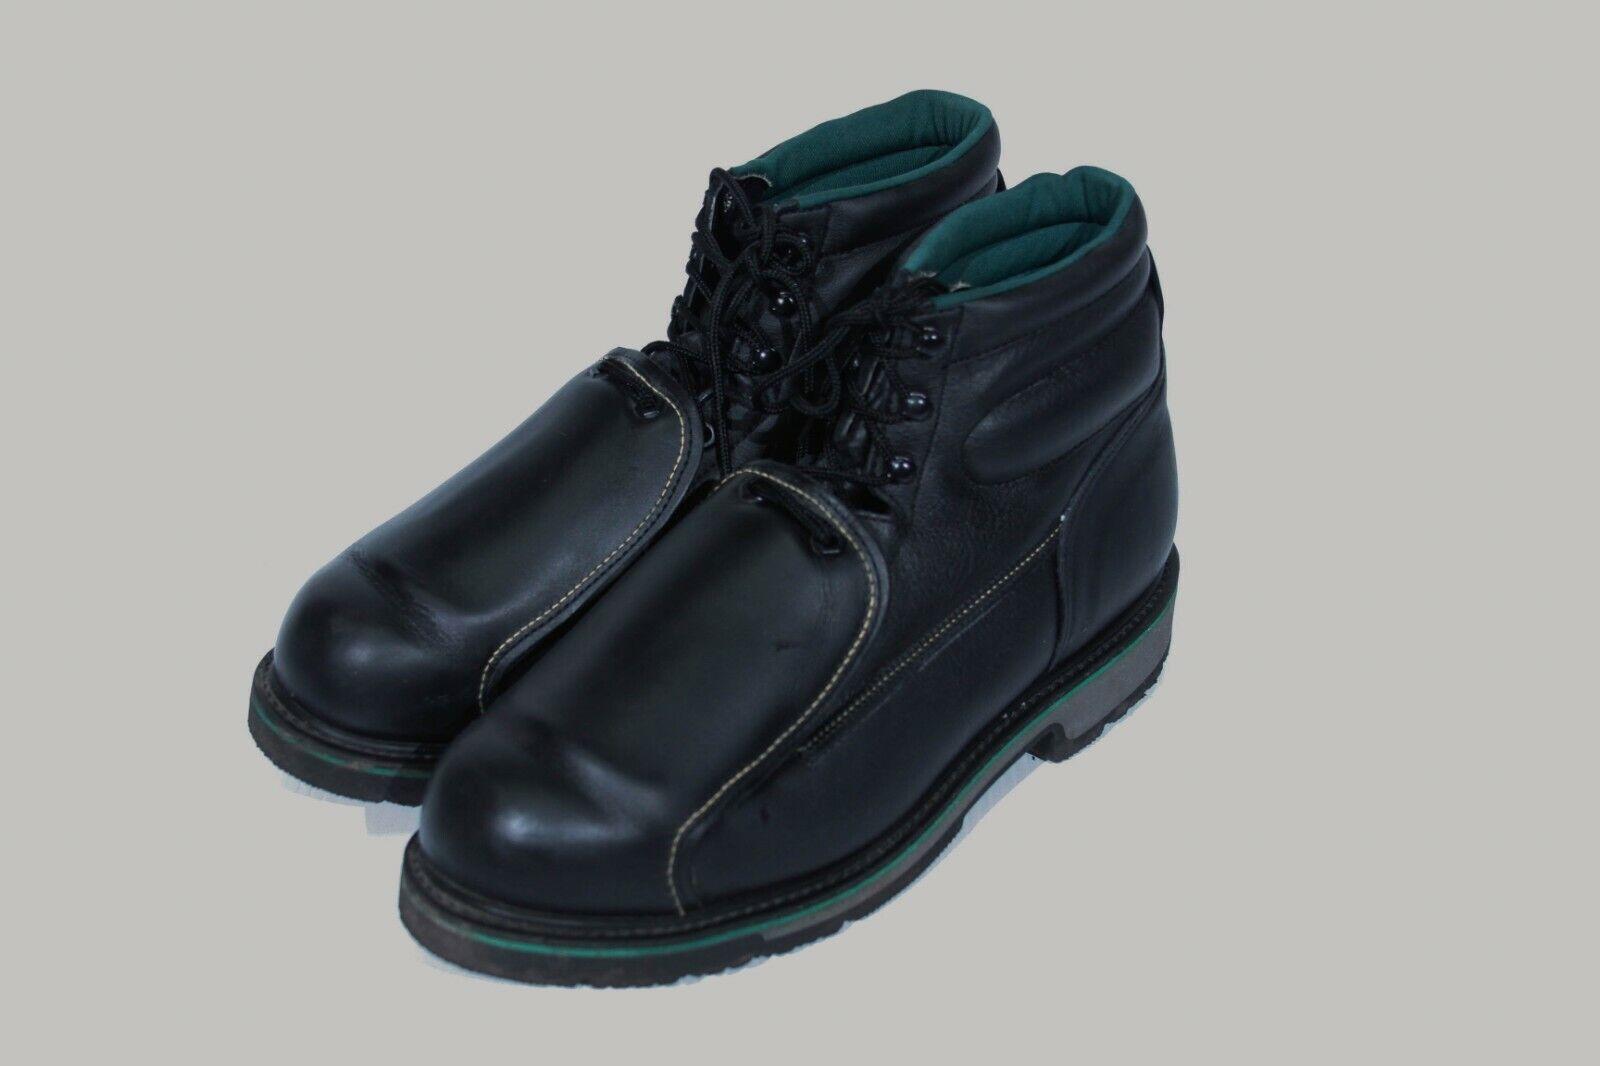 trabajo  Aceite de Hombre, Slip, Shock Resistant botas de trabajo nos F 10 Made In Usa.